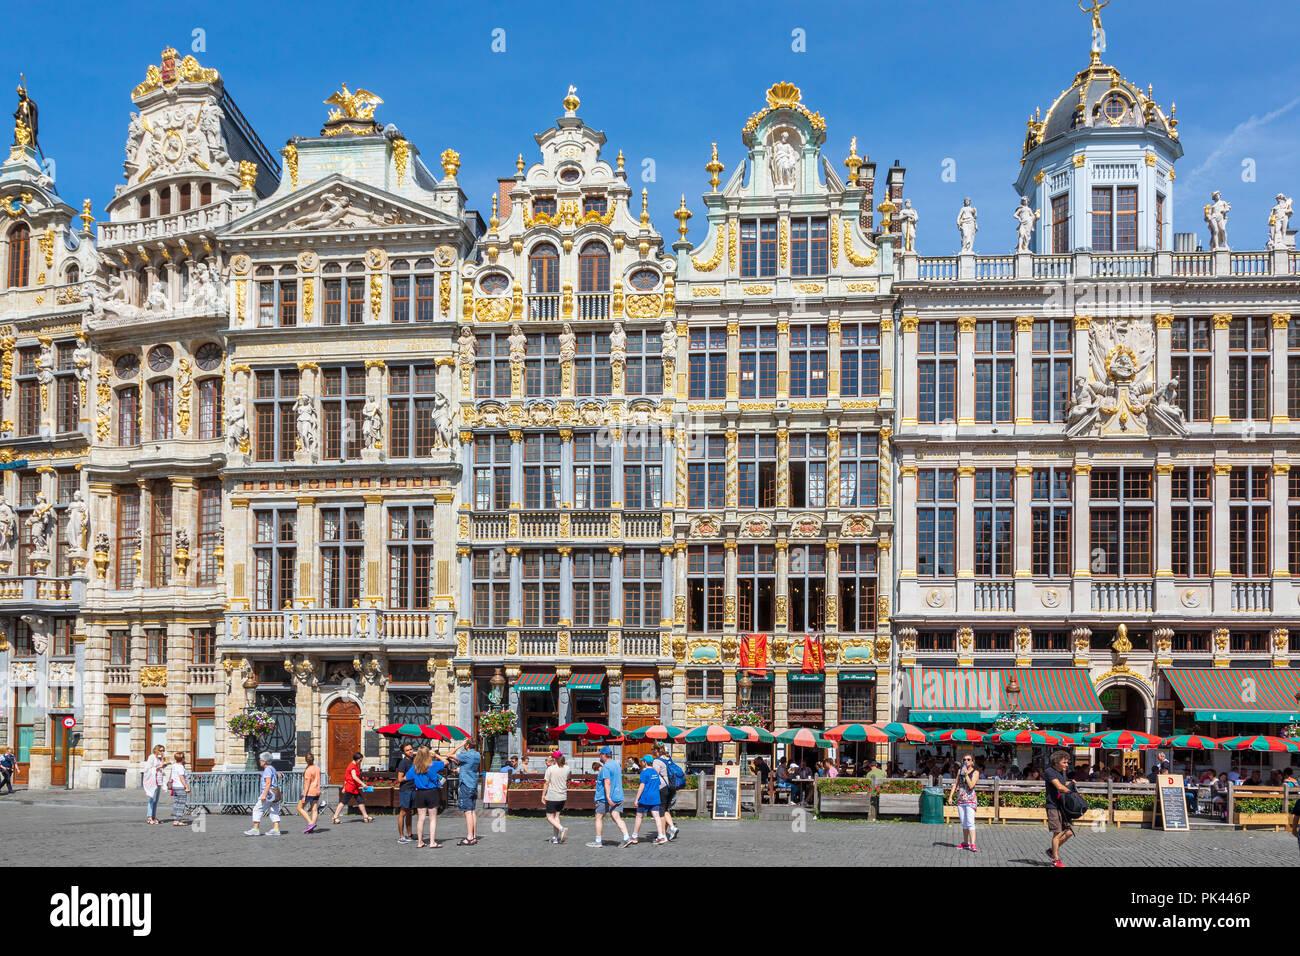 15. jahrhundert Architektur in Grand Place, Brüssel, ein UNESCO-Weltkulturerbe, Brüssel, Belgien Stockbild